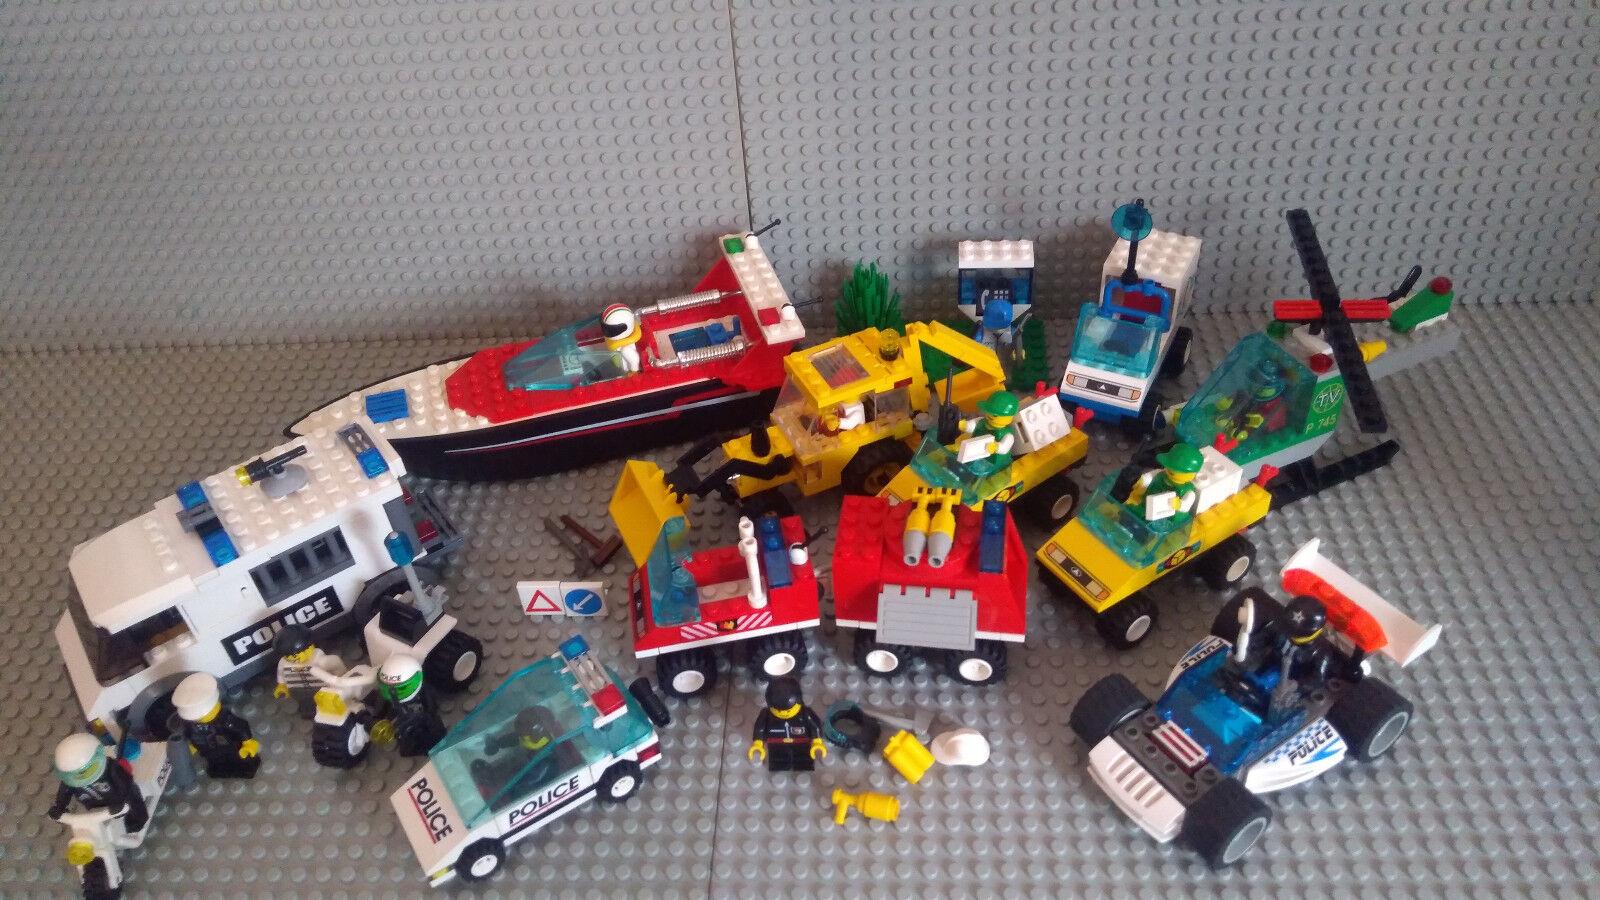 Lego City Konvolut 4002, 4304, 4600, 6325, 6422, 6425, 6486, 6625, 6662, 7245